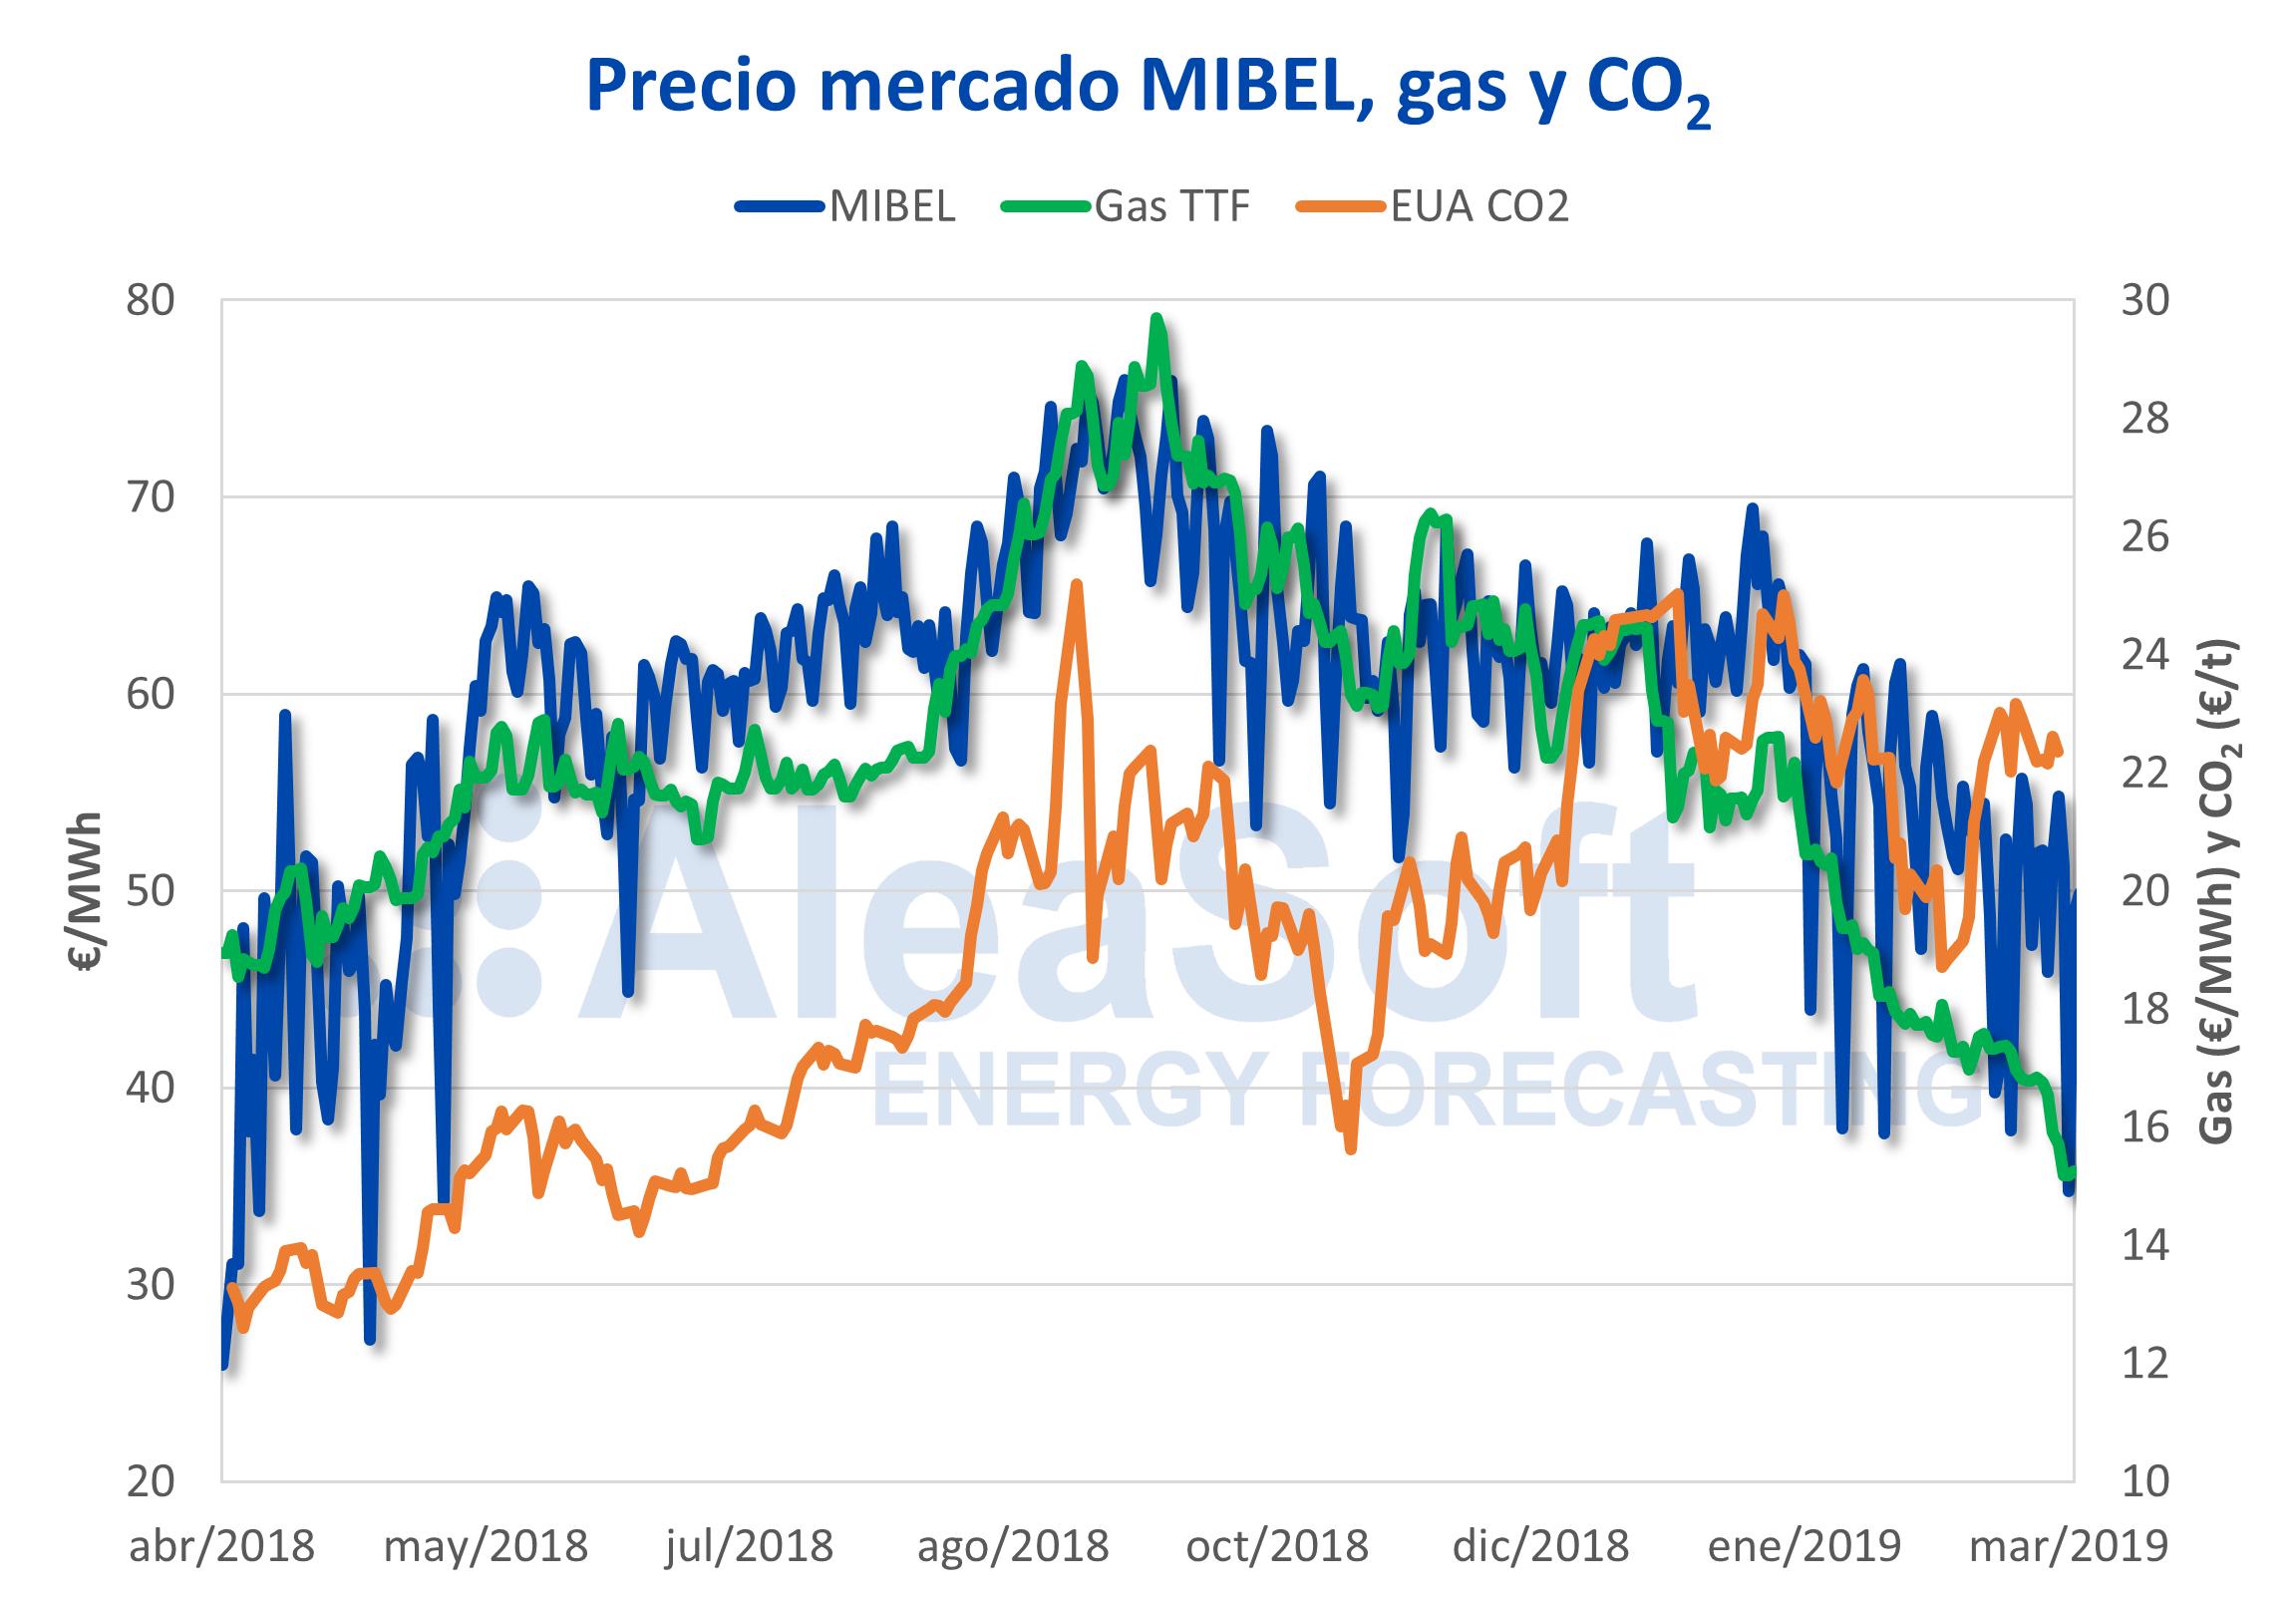 AleaSoft - Precio mercado electricidad MIBEL gas TTF derechos emisiones CO2 EUA